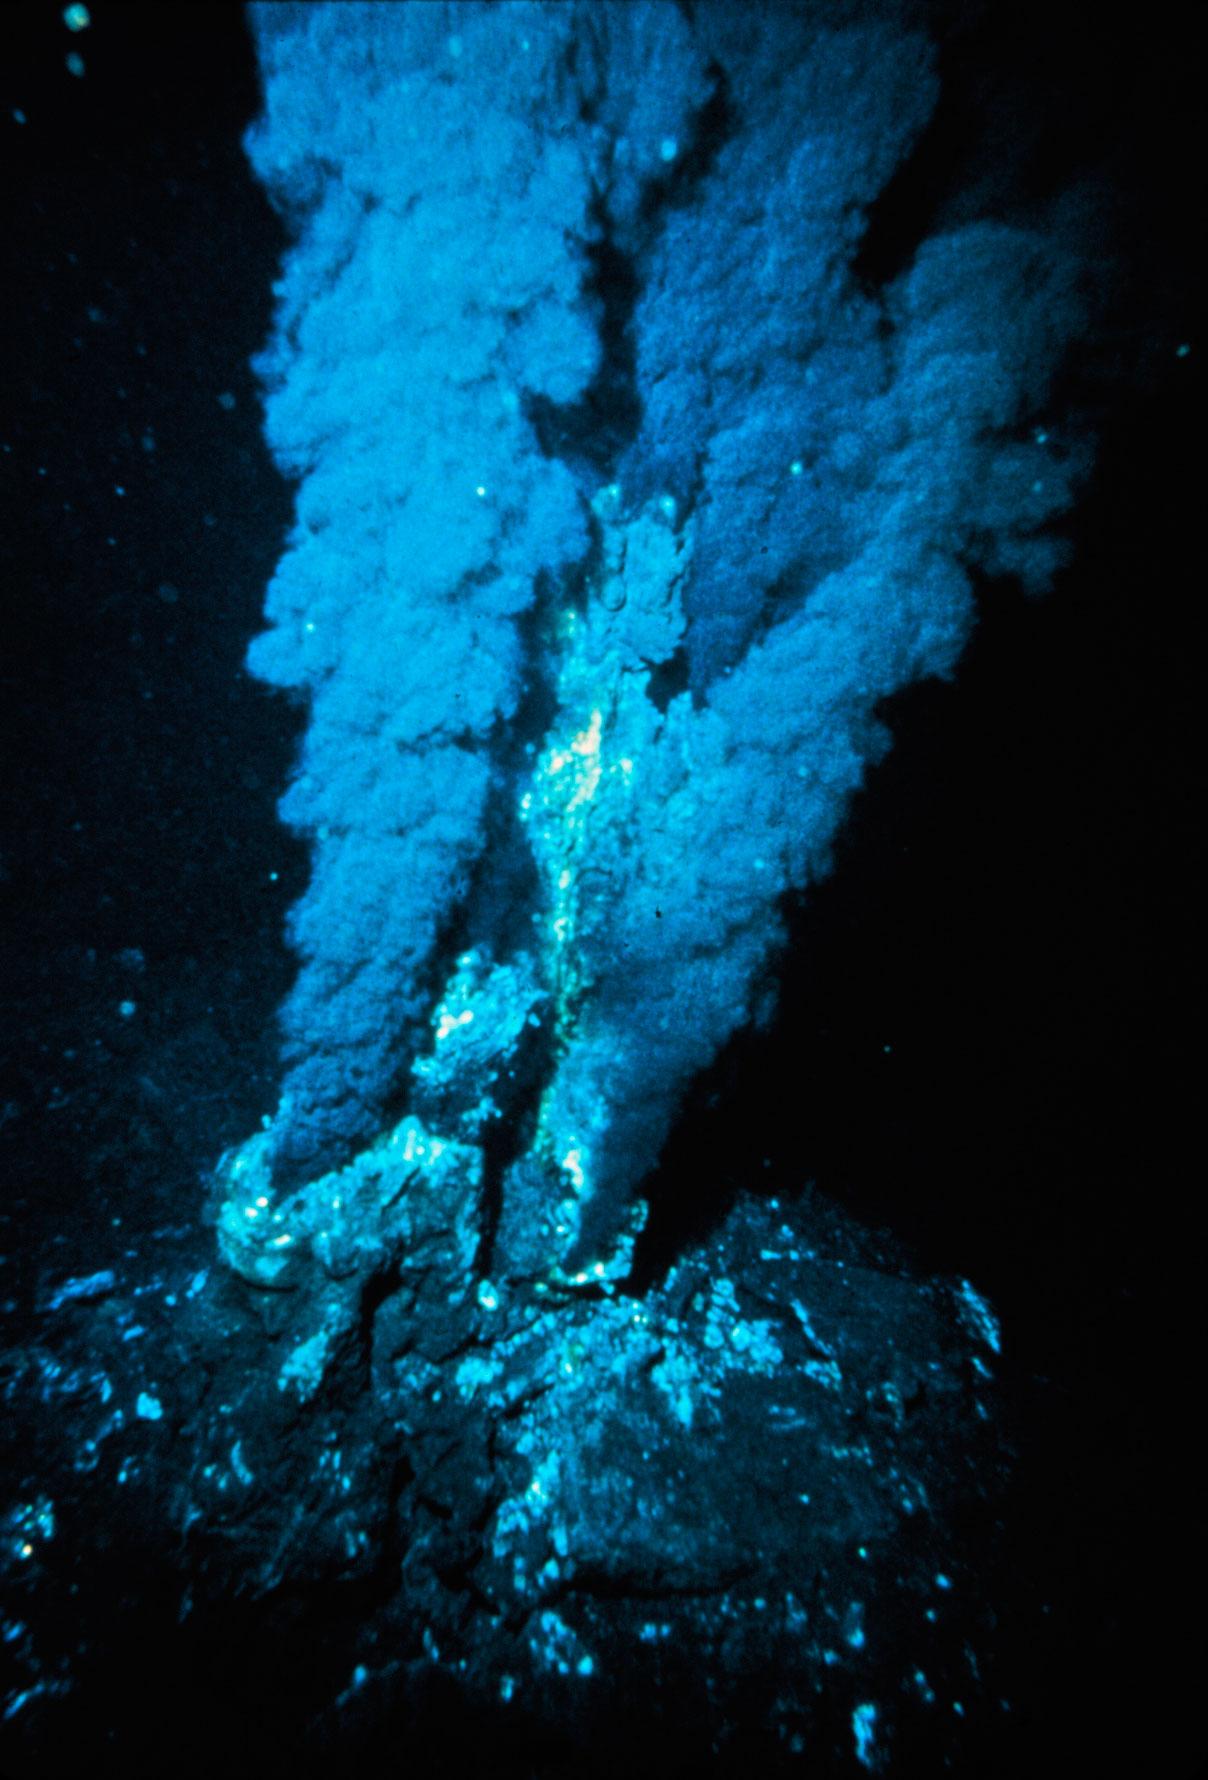 e98093879b Fumarolas negras no fundo do oceano Atlântico; ambiente é similar ao do  registro fóssil encontrado. (Crédito: NOAA)